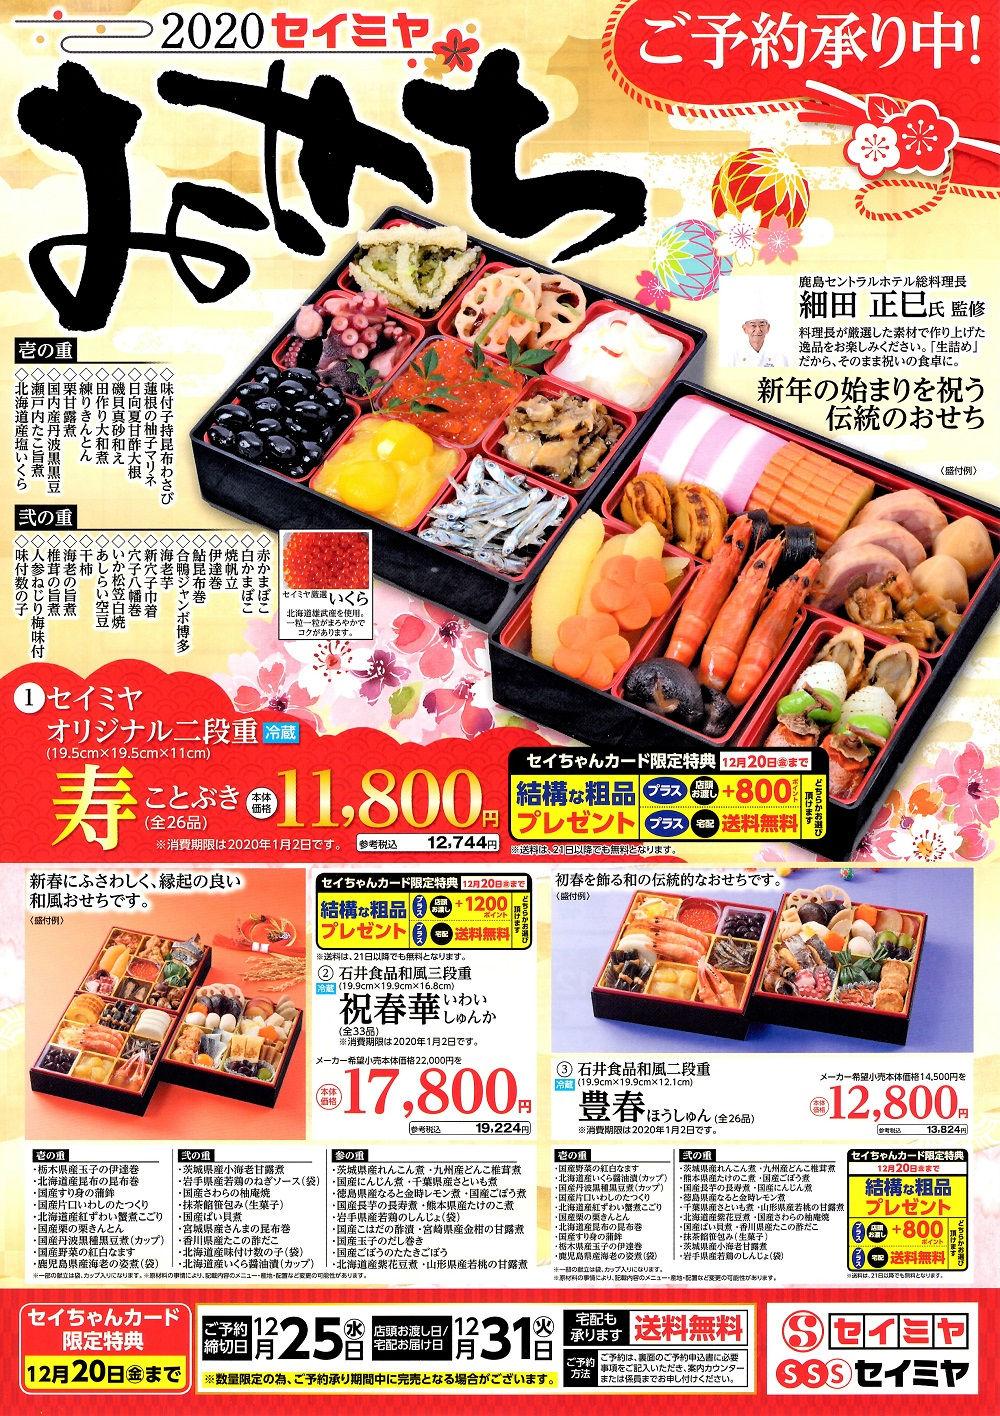 セイミヤ成田芝山店の『おせち』パンフレット(表)